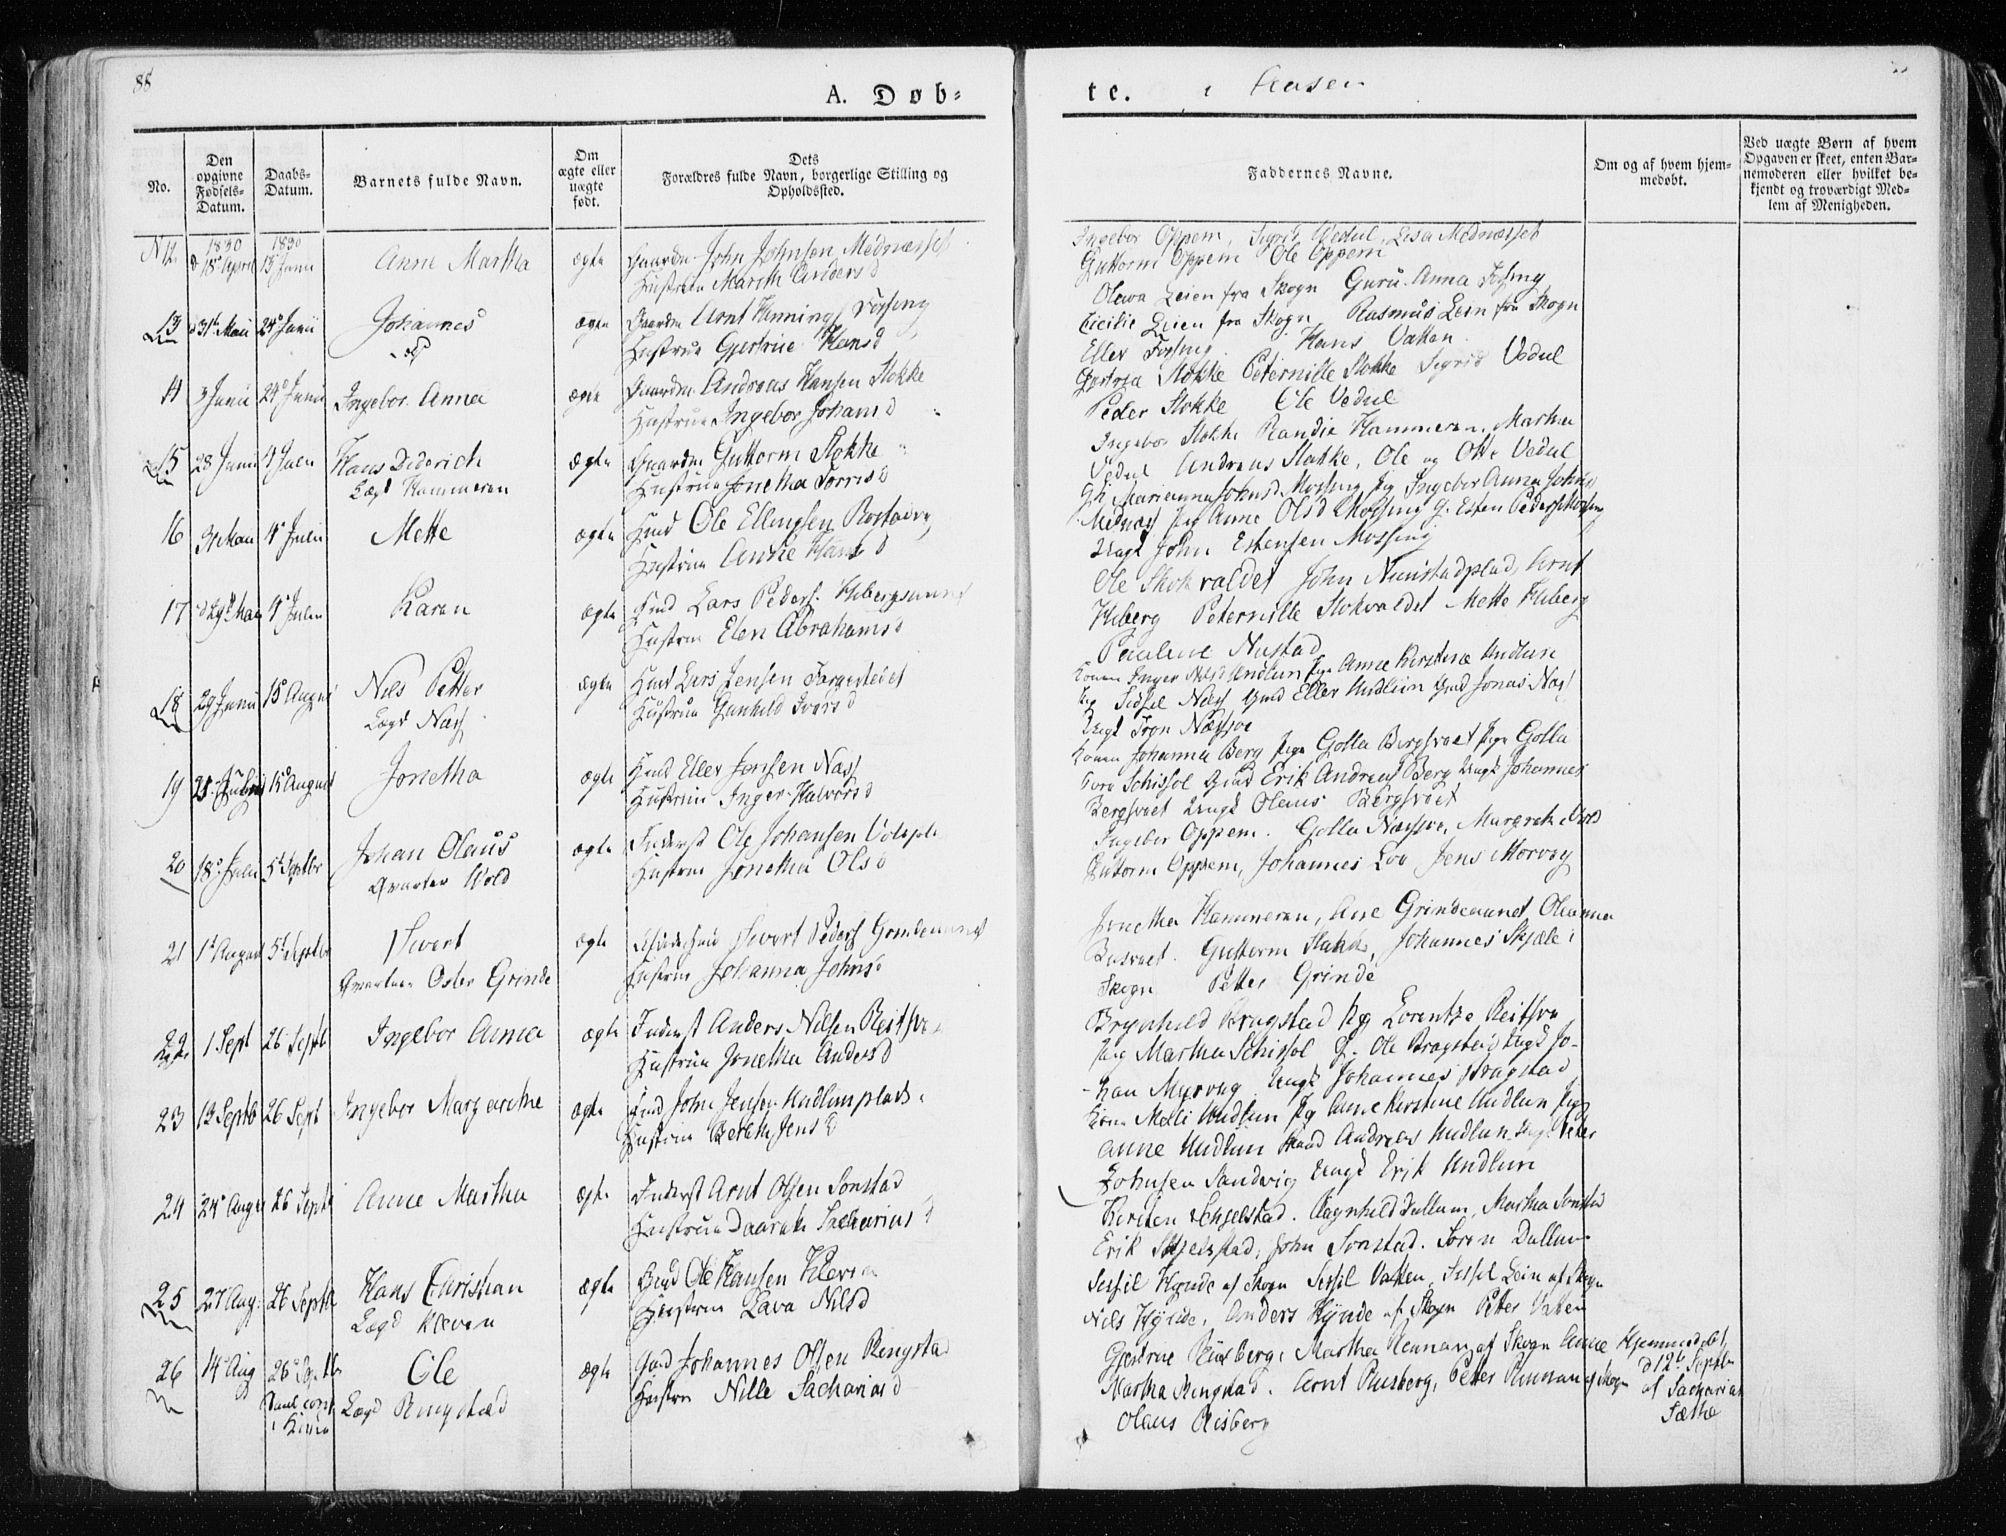 SAT, Ministerialprotokoller, klokkerbøker og fødselsregistre - Nord-Trøndelag, 713/L0114: Ministerialbok nr. 713A05, 1827-1839, s. 88